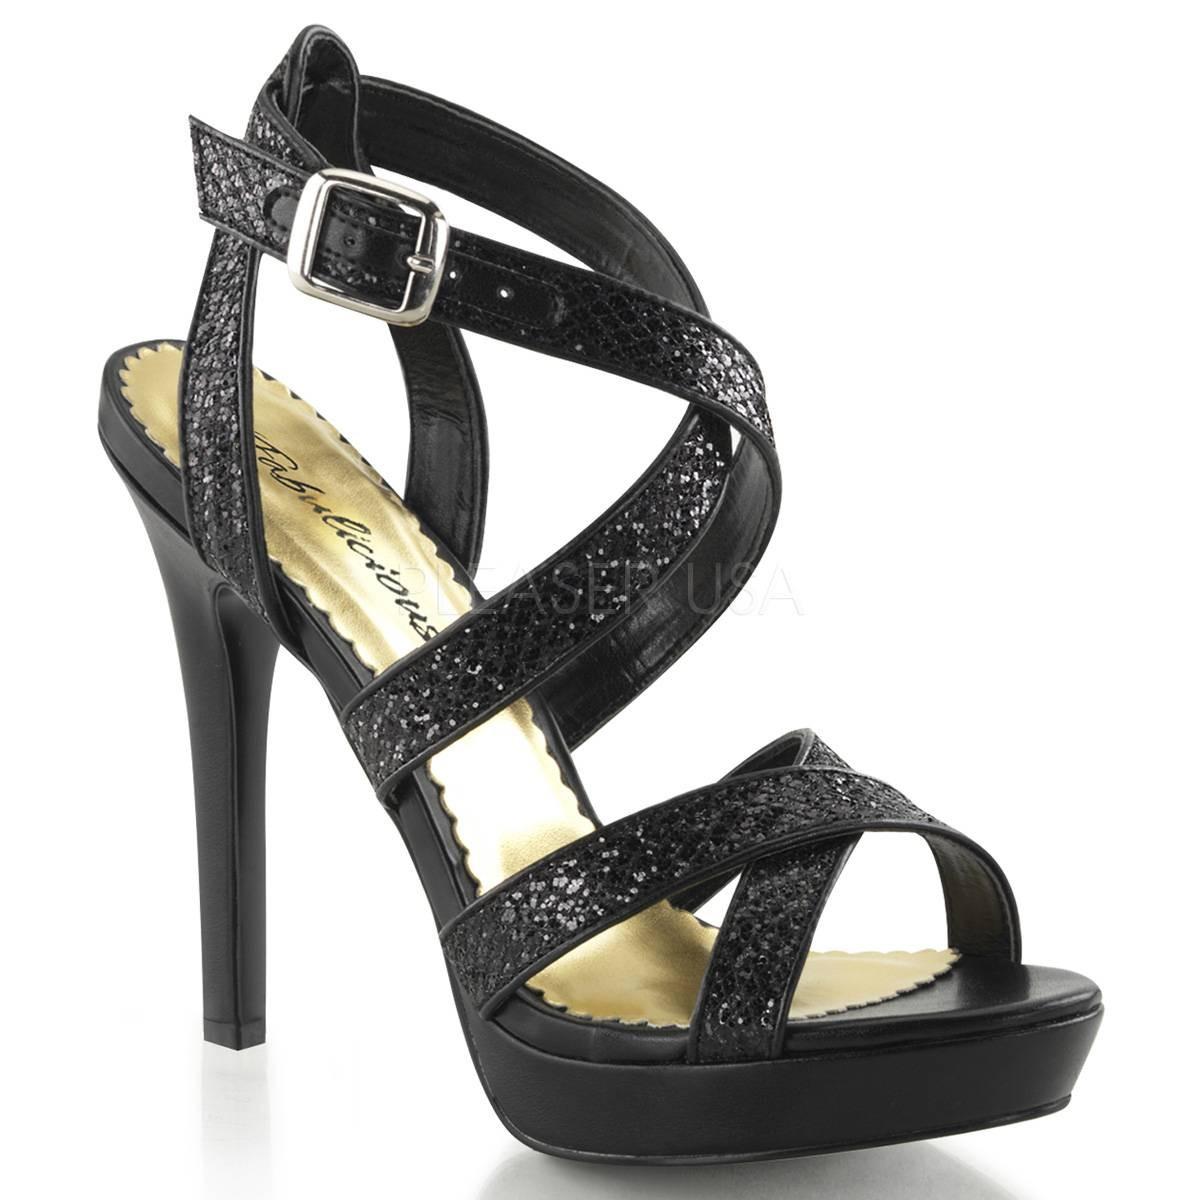 Sandalen für Frauen - LUMINA 21 ° Damen Sandalette ° Schwarz Glitter ° Fabulicious  - Onlineshop RedSixty